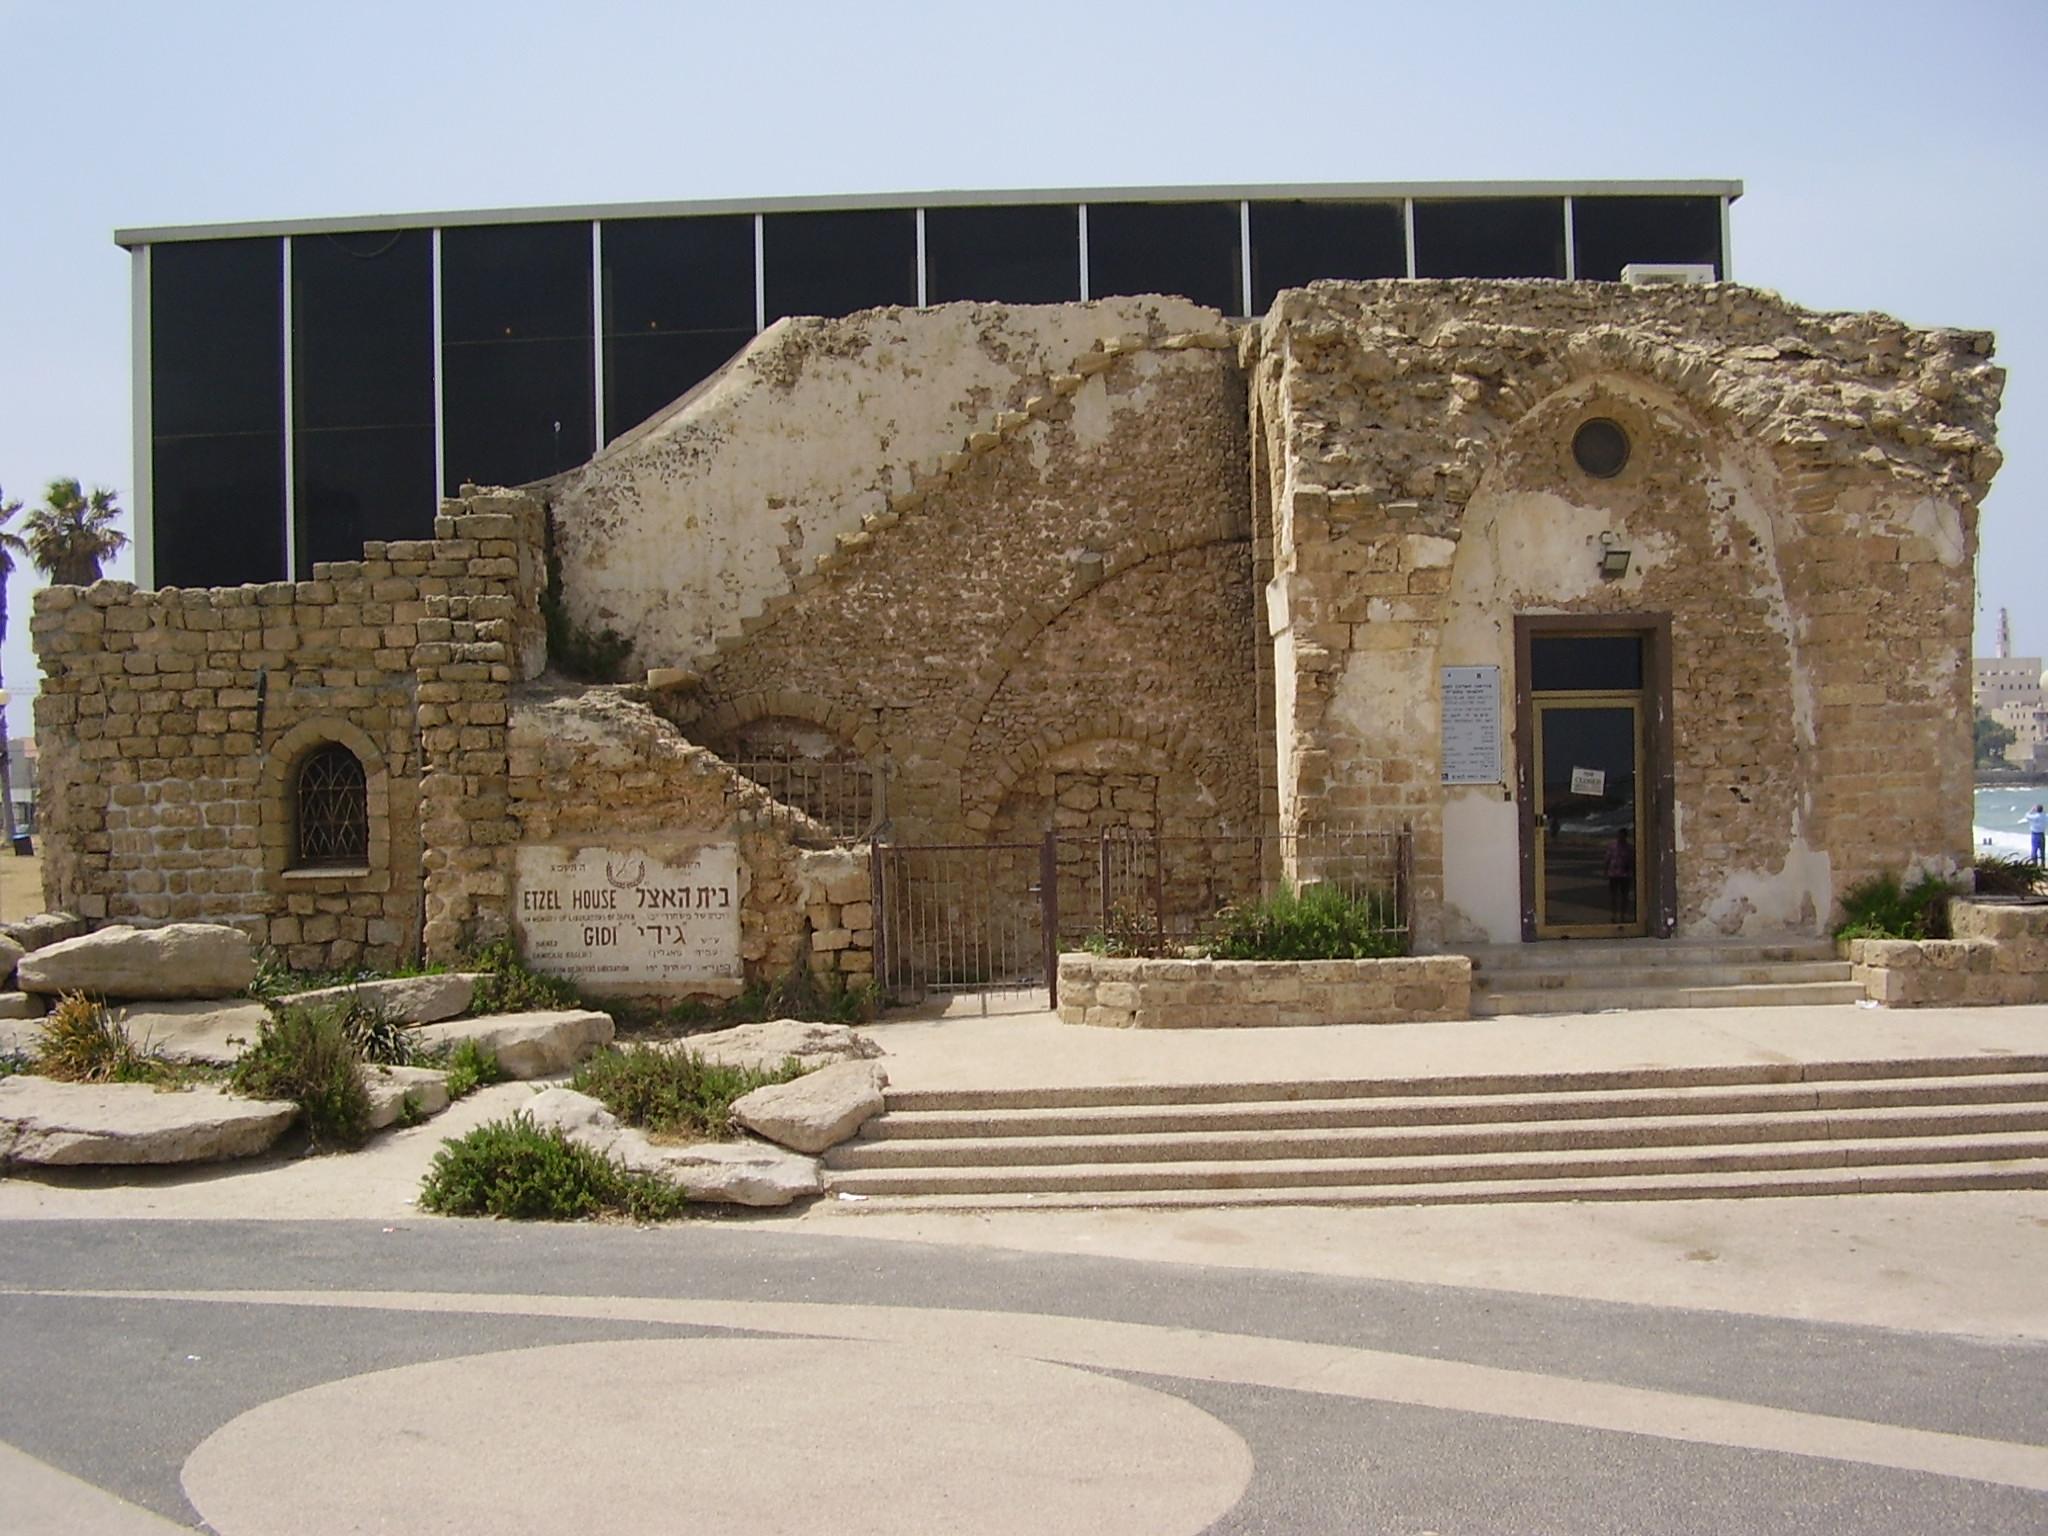 https://upload.wikimedia.org/wikipedia/commons/d/db/Etzel_%28Irgun%29_Museum_inTel-Aviv.jpg